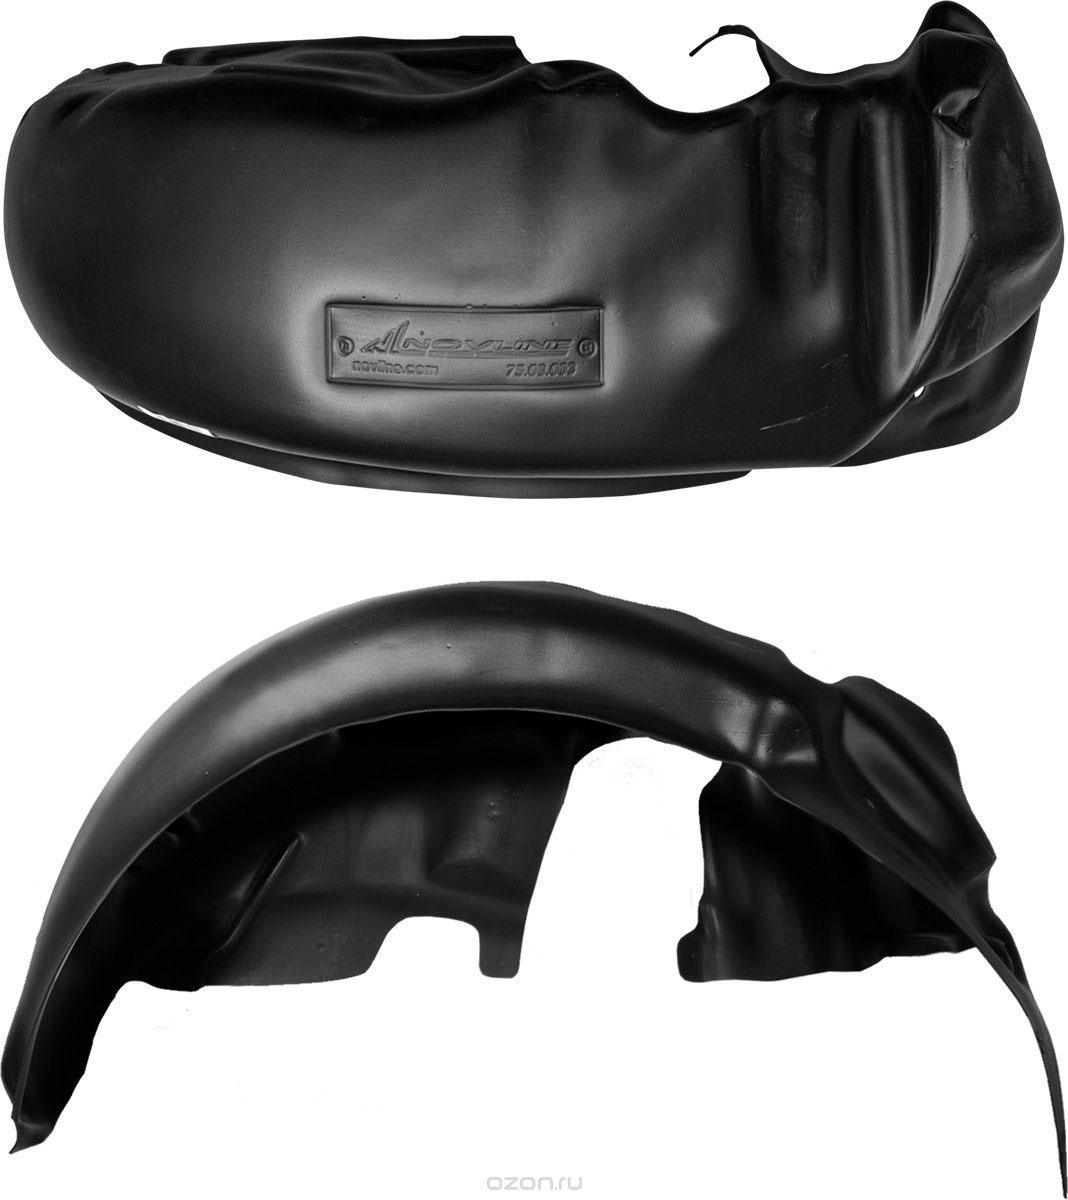 Подкрылок Novline-Autofamily, для MAZDA CX-5, 03/2015->, задний левыйSVC-300Идеальная защита колесной ниши. Локеры разработаны с применением цифровых технологий, гарантируют максимальную повторяемость поверхности арки. Изделия устанавливаются без нарушения лакокрасочного покрытия автомобиля, каждый подкрылок комплектуется крепежом. Уважаемые клиенты, обращаем ваше внимание, что фотографии на подкрылки универсальные и не отражают реальную форму изделия. При этом само изделие идет точно под размер указанного автомобиля.